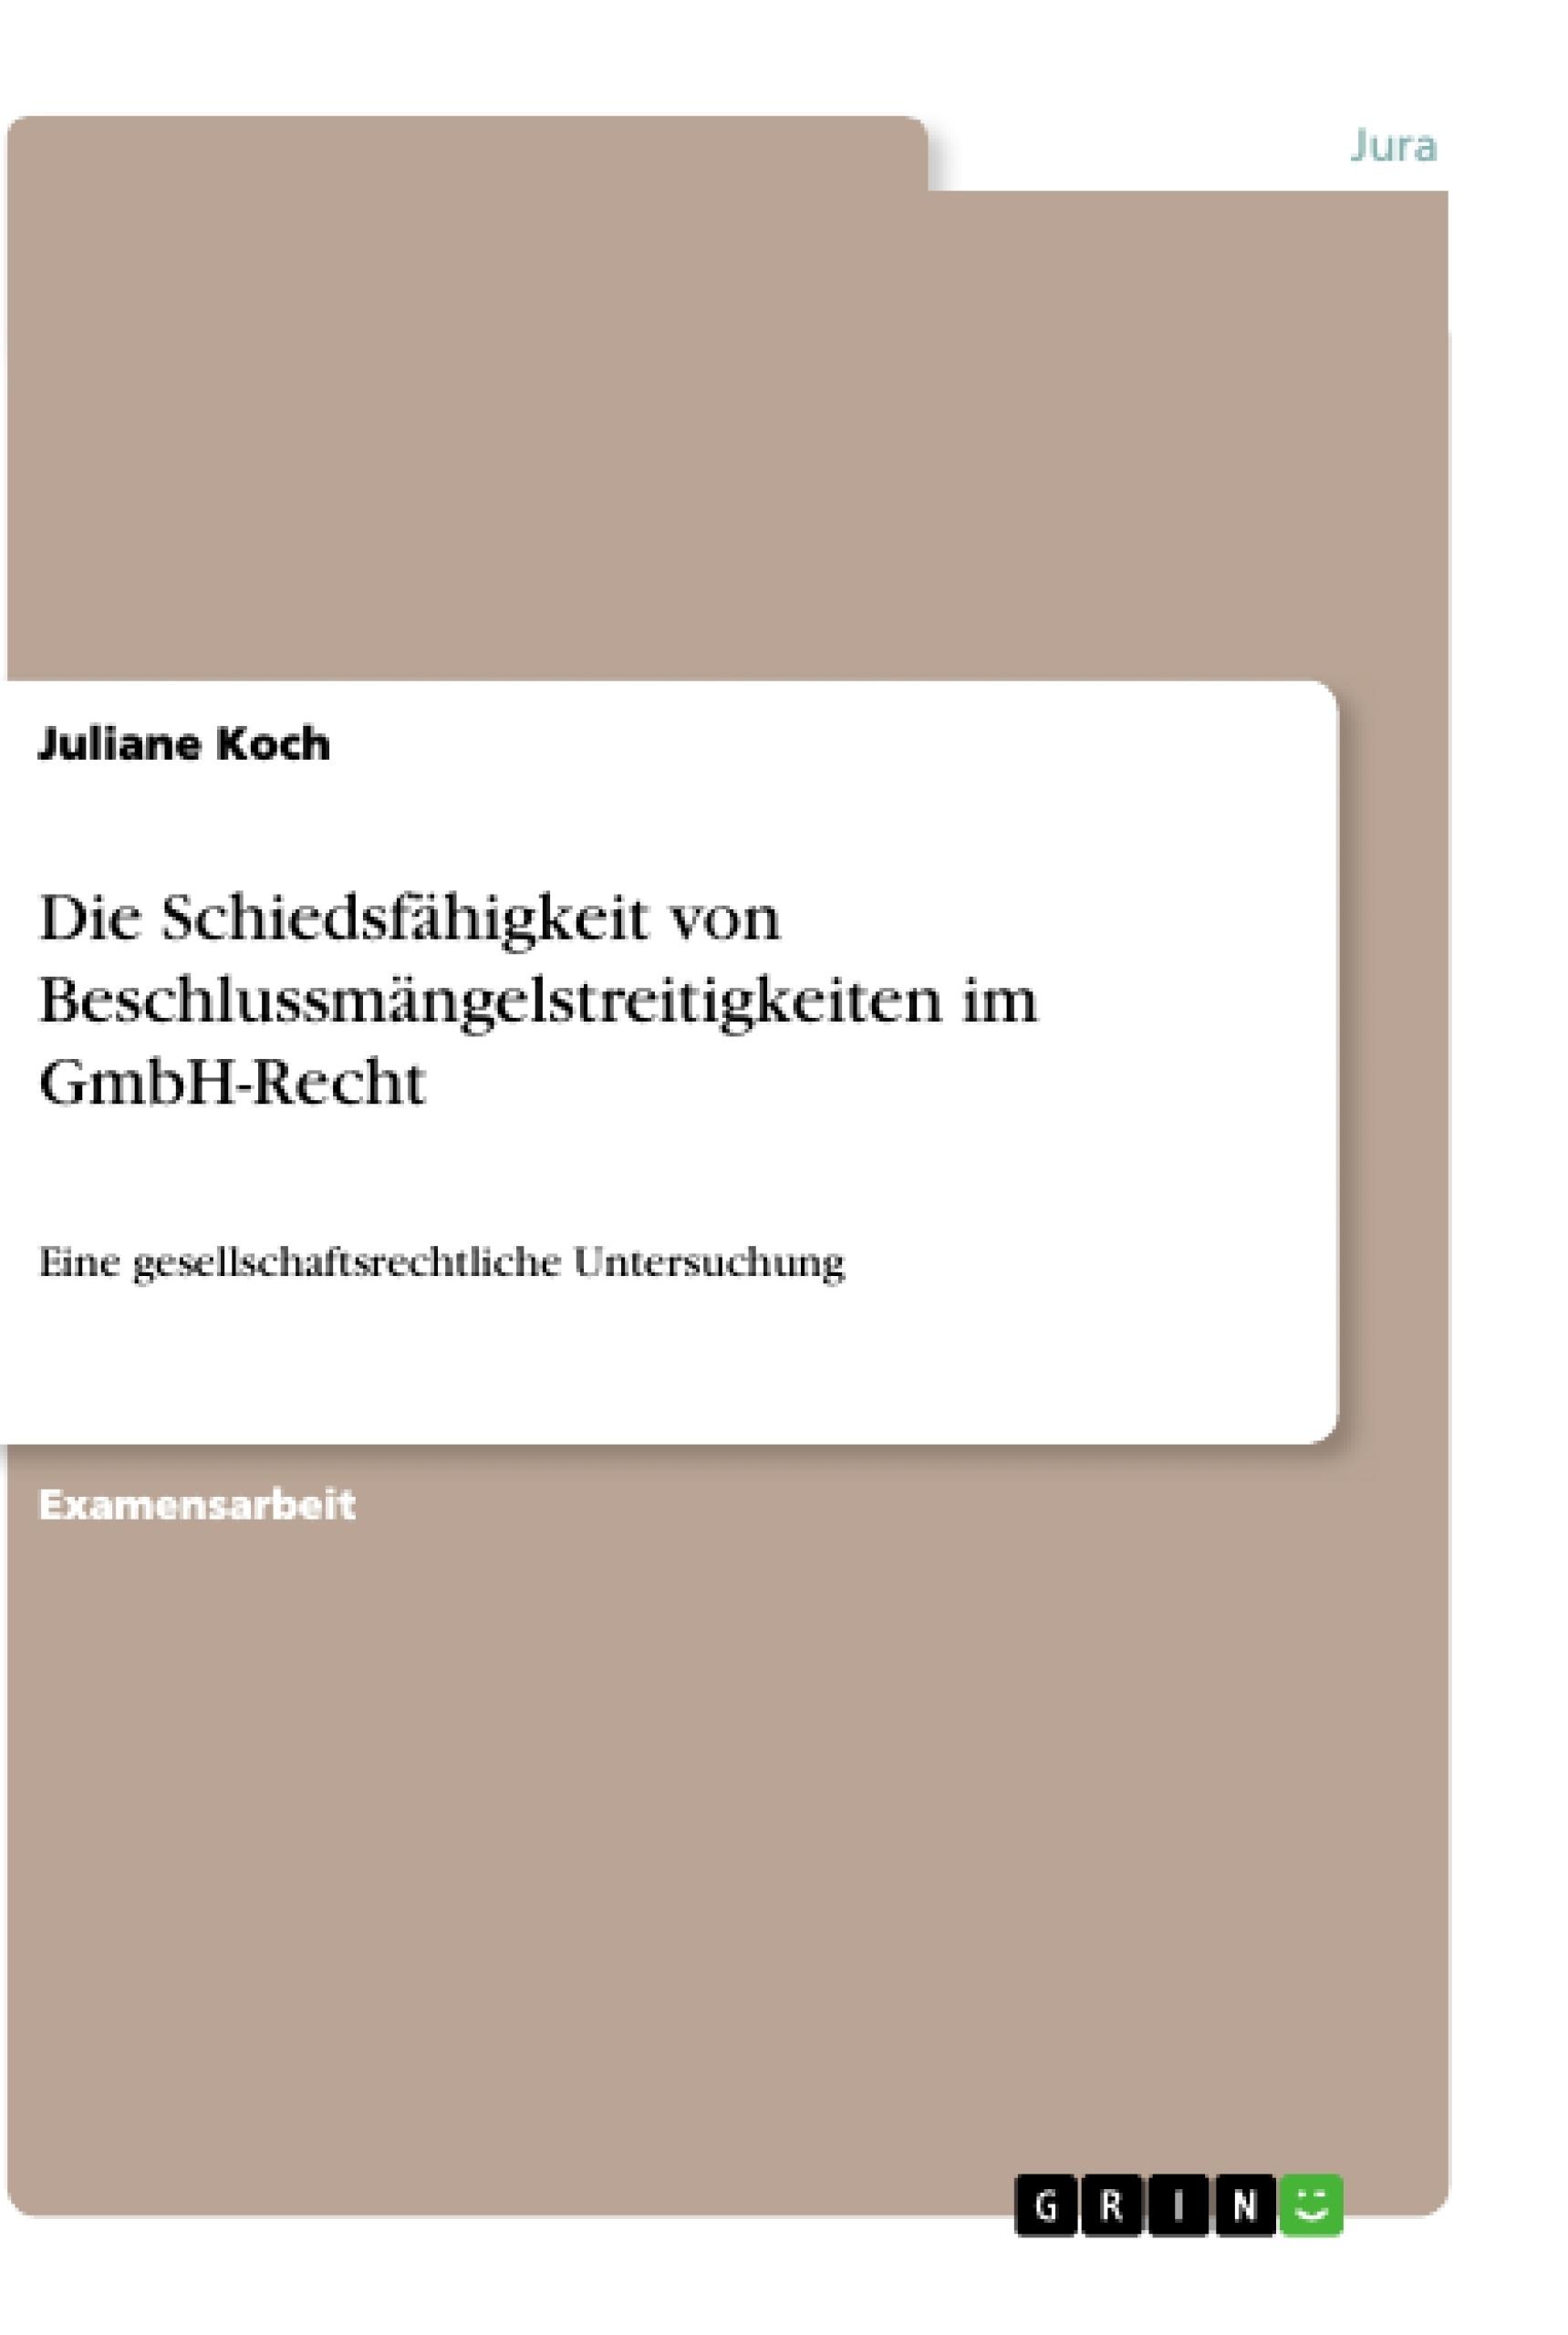 Titel: Die Schiedsfähigkeit von Beschlussmängelstreitigkeiten im GmbH-Recht